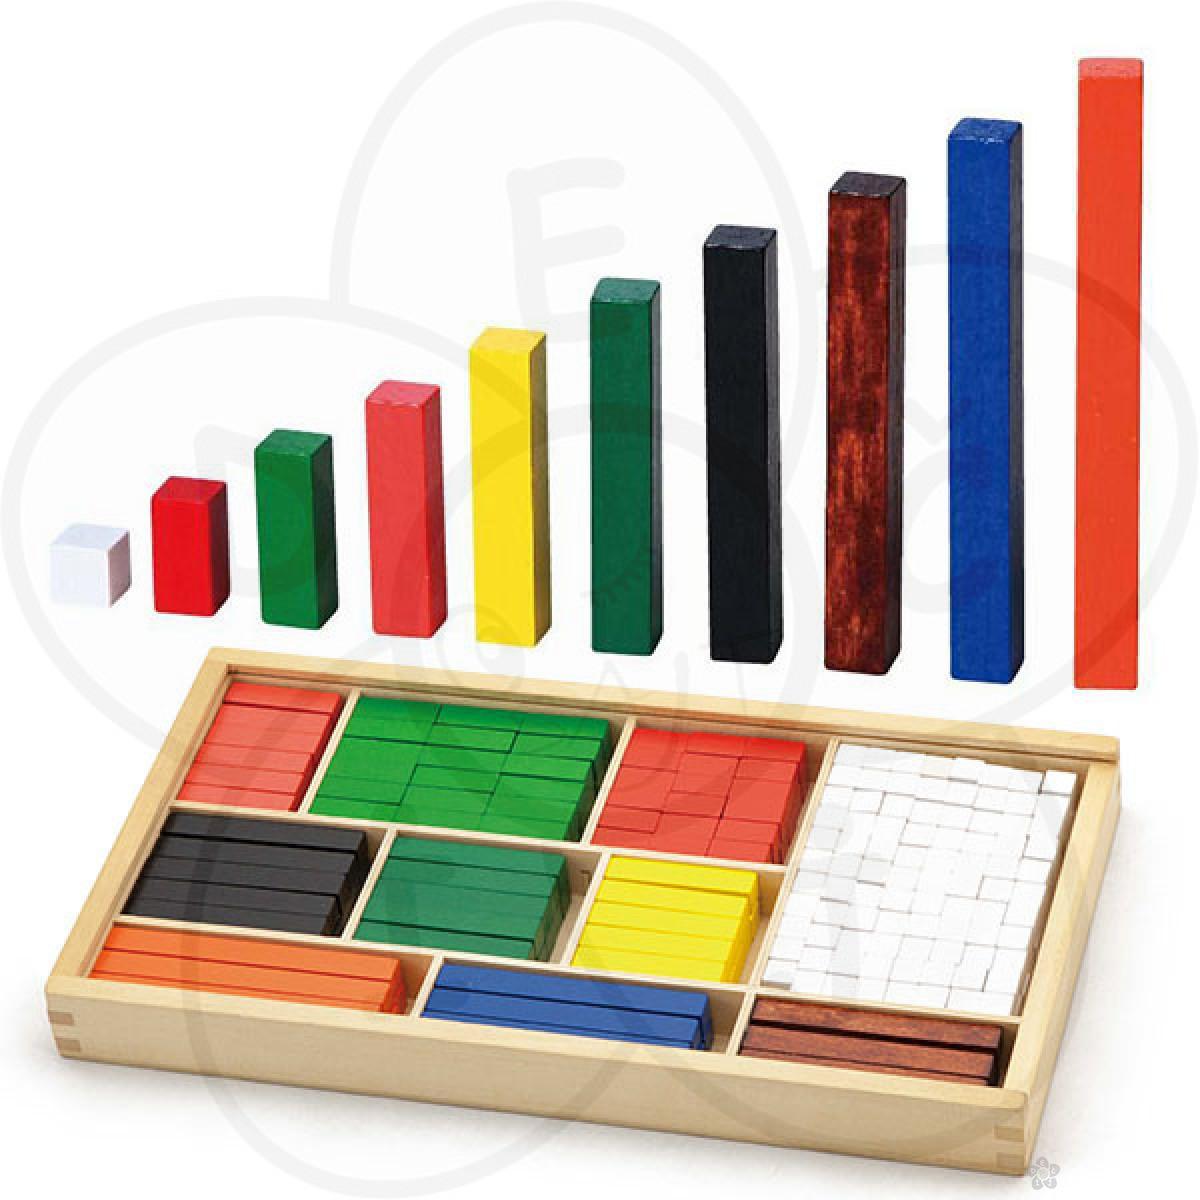 Igračke Pertini Matematički blokovi 56166